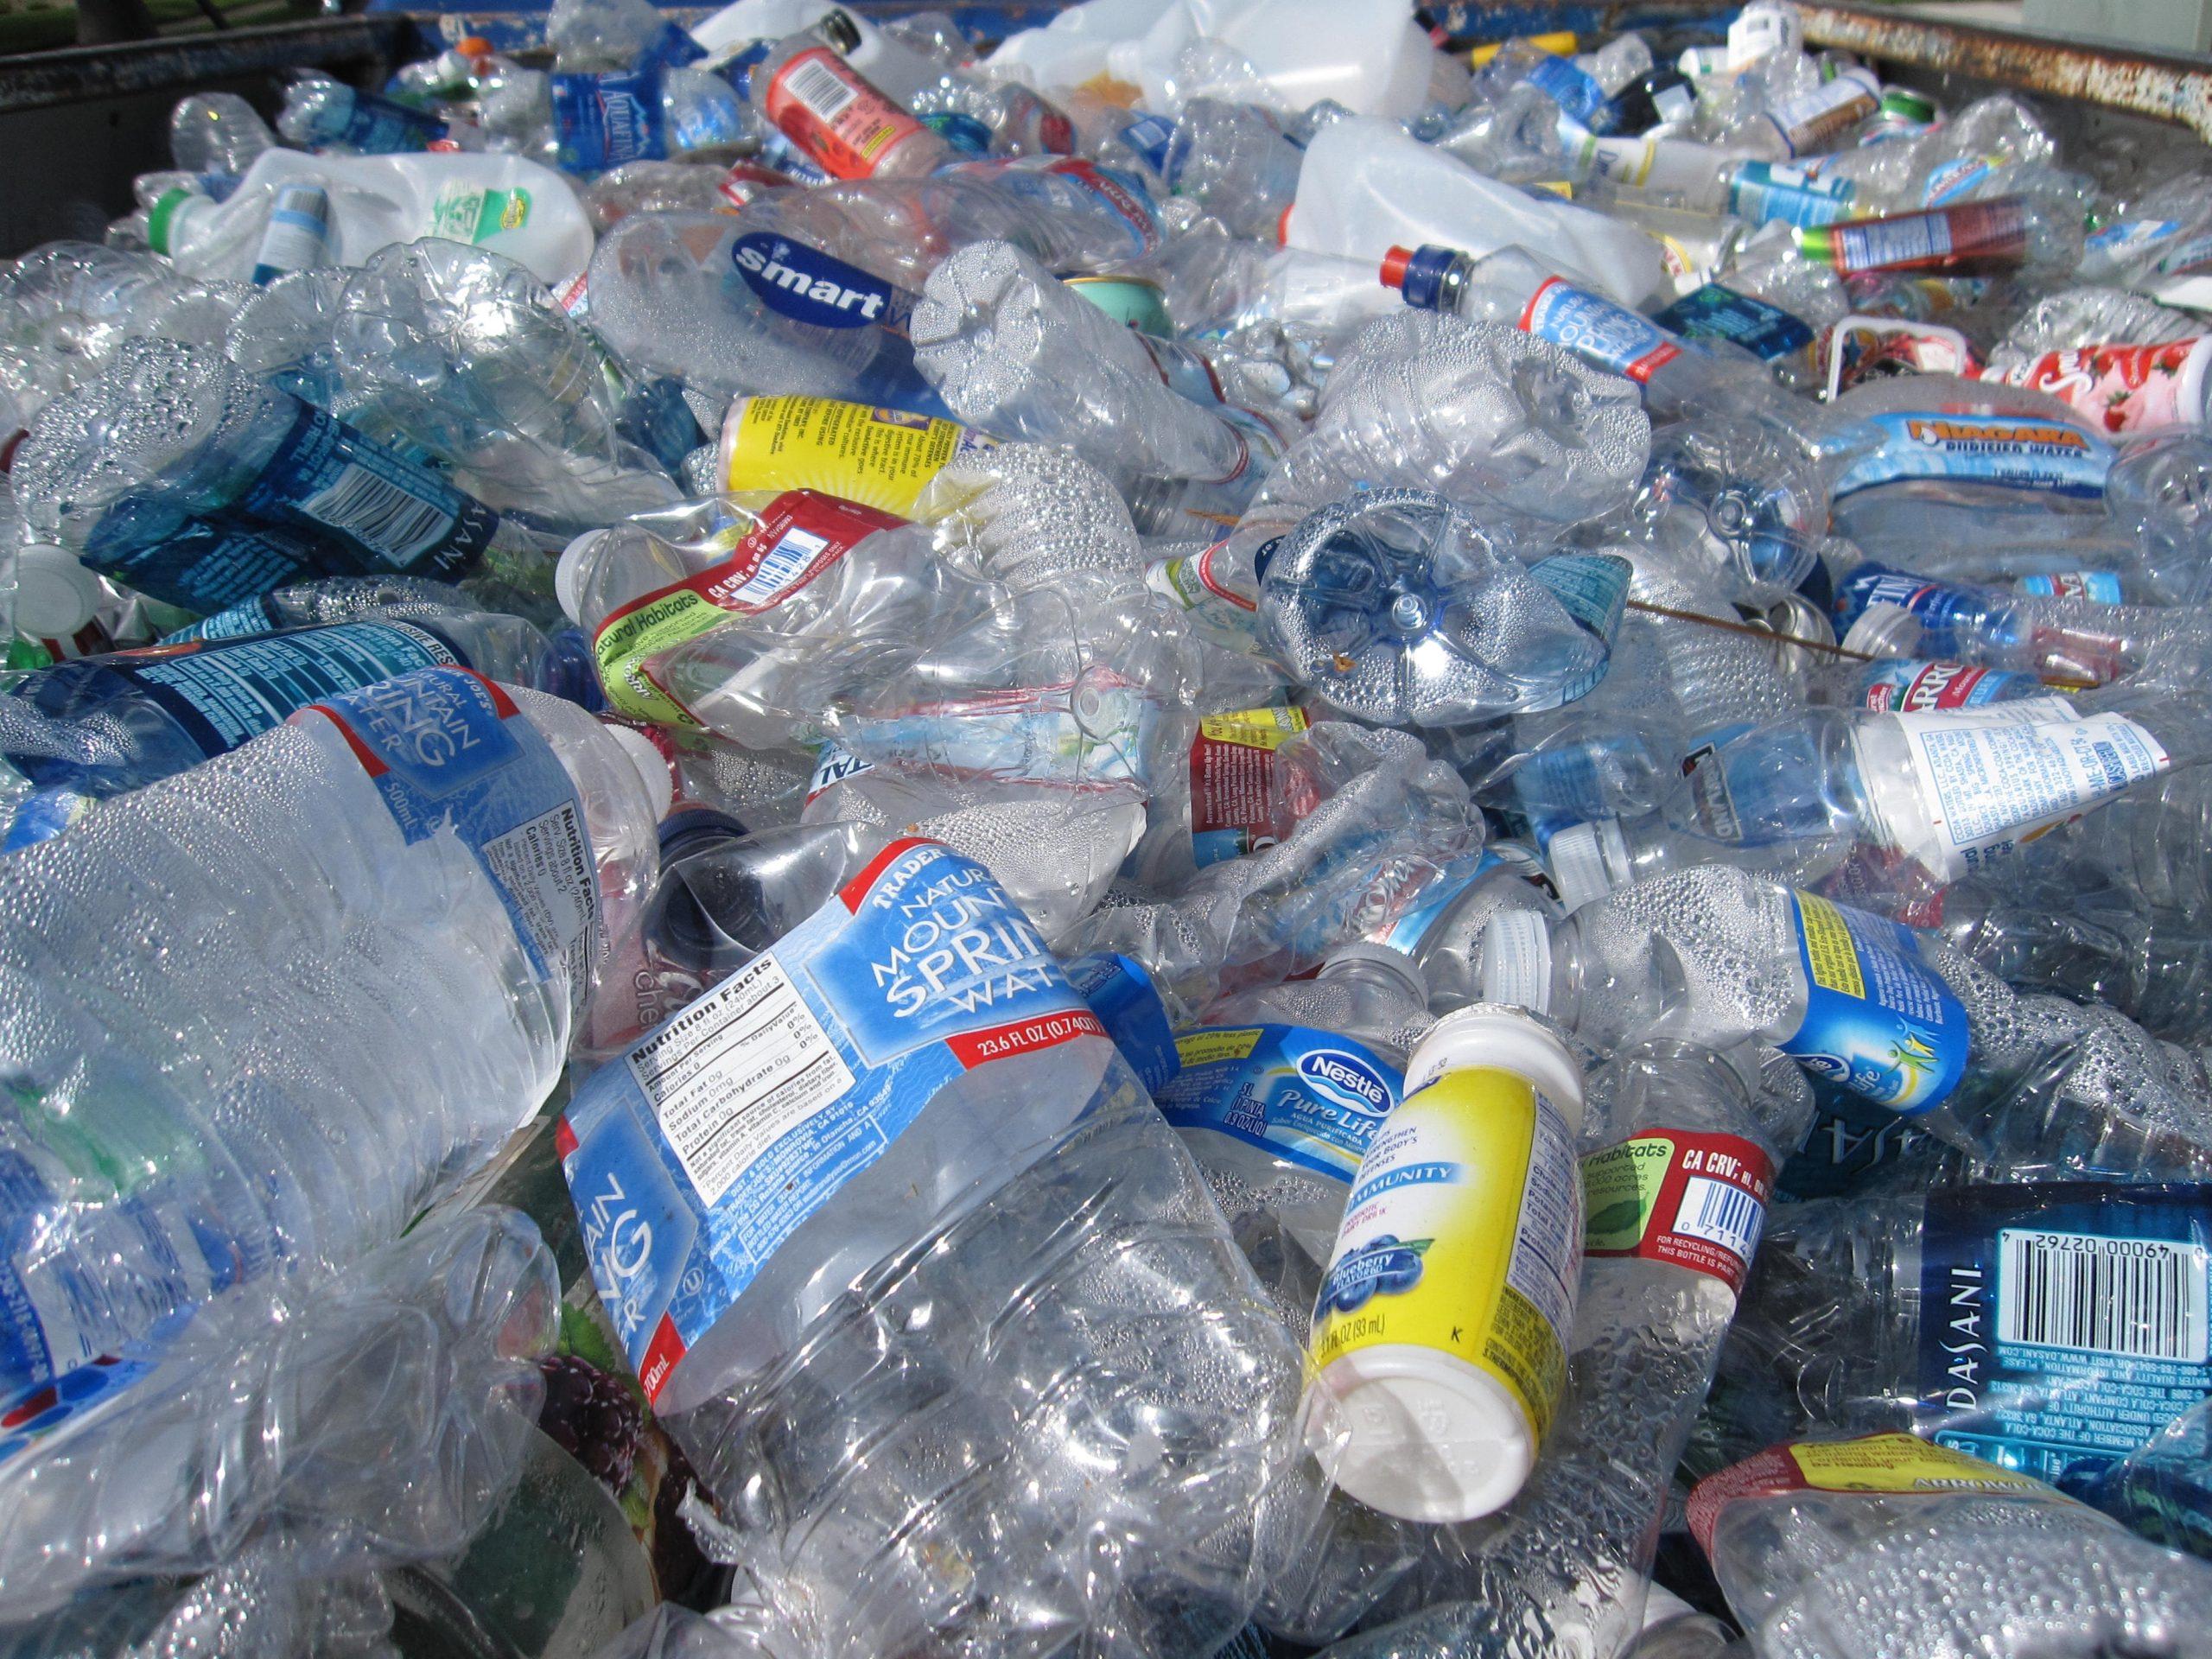 garrafas plásticas amontoadas